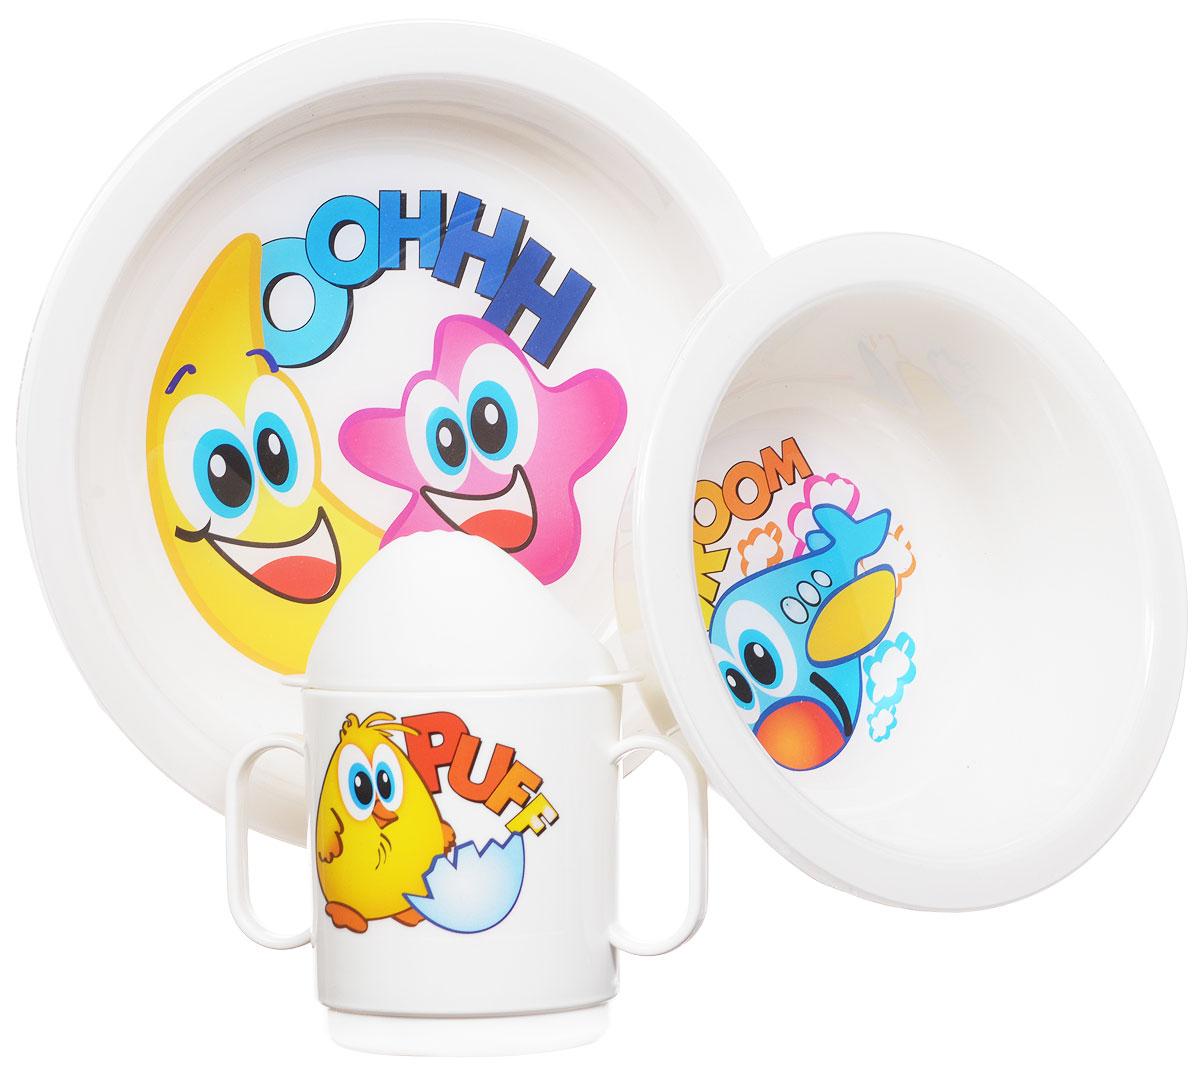 Cosmoplast Набор детской посуды Baby Tris Set 3 предметаSWC01-3Детский сервиз Baby Tris Set состоит из суповой тарелки, обеденной тарелки и чашки-поильника с двумя ручками. Яркие пластиковые тарелочки, оформленные красочными изображениями, прекрасно подойдут для кормления ребенка, или самостоятельного приема им пищи. Эргономичная форма позволит удобно держать тарелки во время кормления. Чашка-поильник со съемной крышечкой имеет две удобные ручки. Все предметы набора изготовлены из высококачественного пищевого пластика по специальной технологии, которая гарантирует простоту ухода, прочность и безопасность изделий для детей. Предметы сервиза оформлены красочными рисунками, которые обязательно понравятся вашему малышу.Элементы набора не содержат бисфенол-А. Уважаемые клиенты!Обращаем ваше внимание на возможные варьирования в дизайне товара. Поставка возможна в зависимости от наличия на складе.